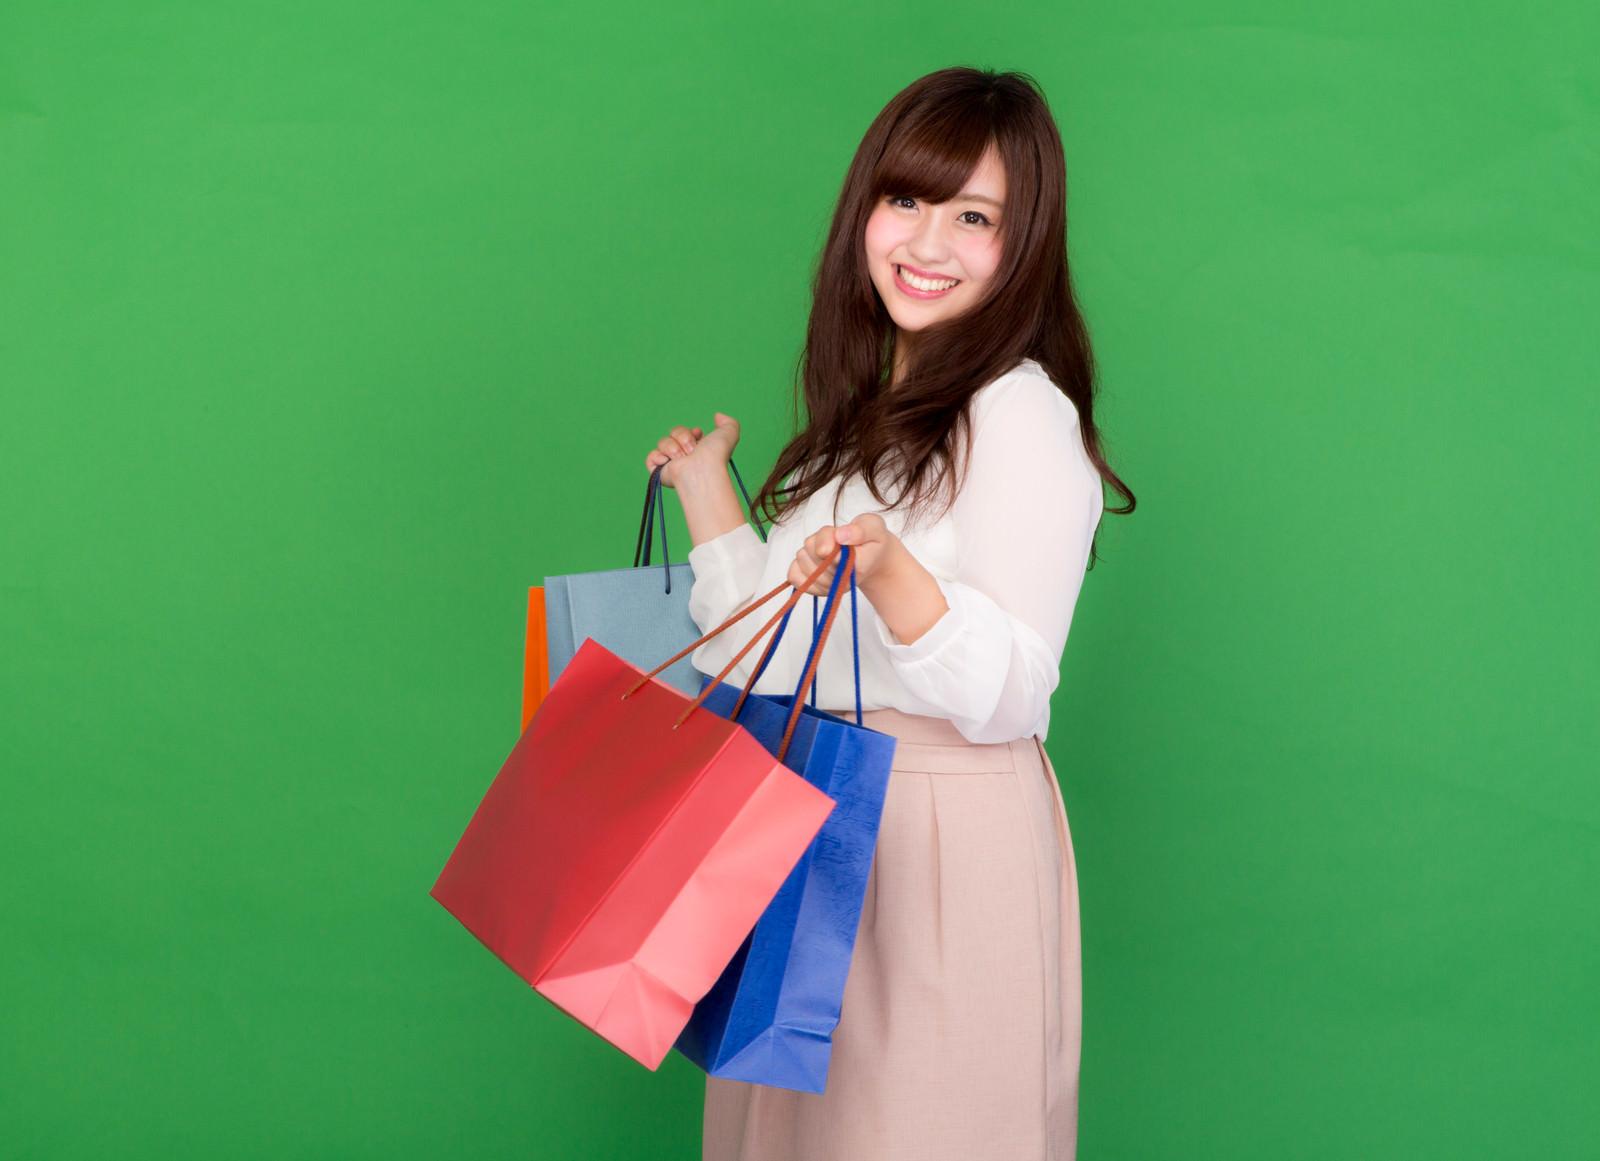 「ブラックフライデーのセールで大量に買い物をする女性」の写真[モデル:河村友歌]